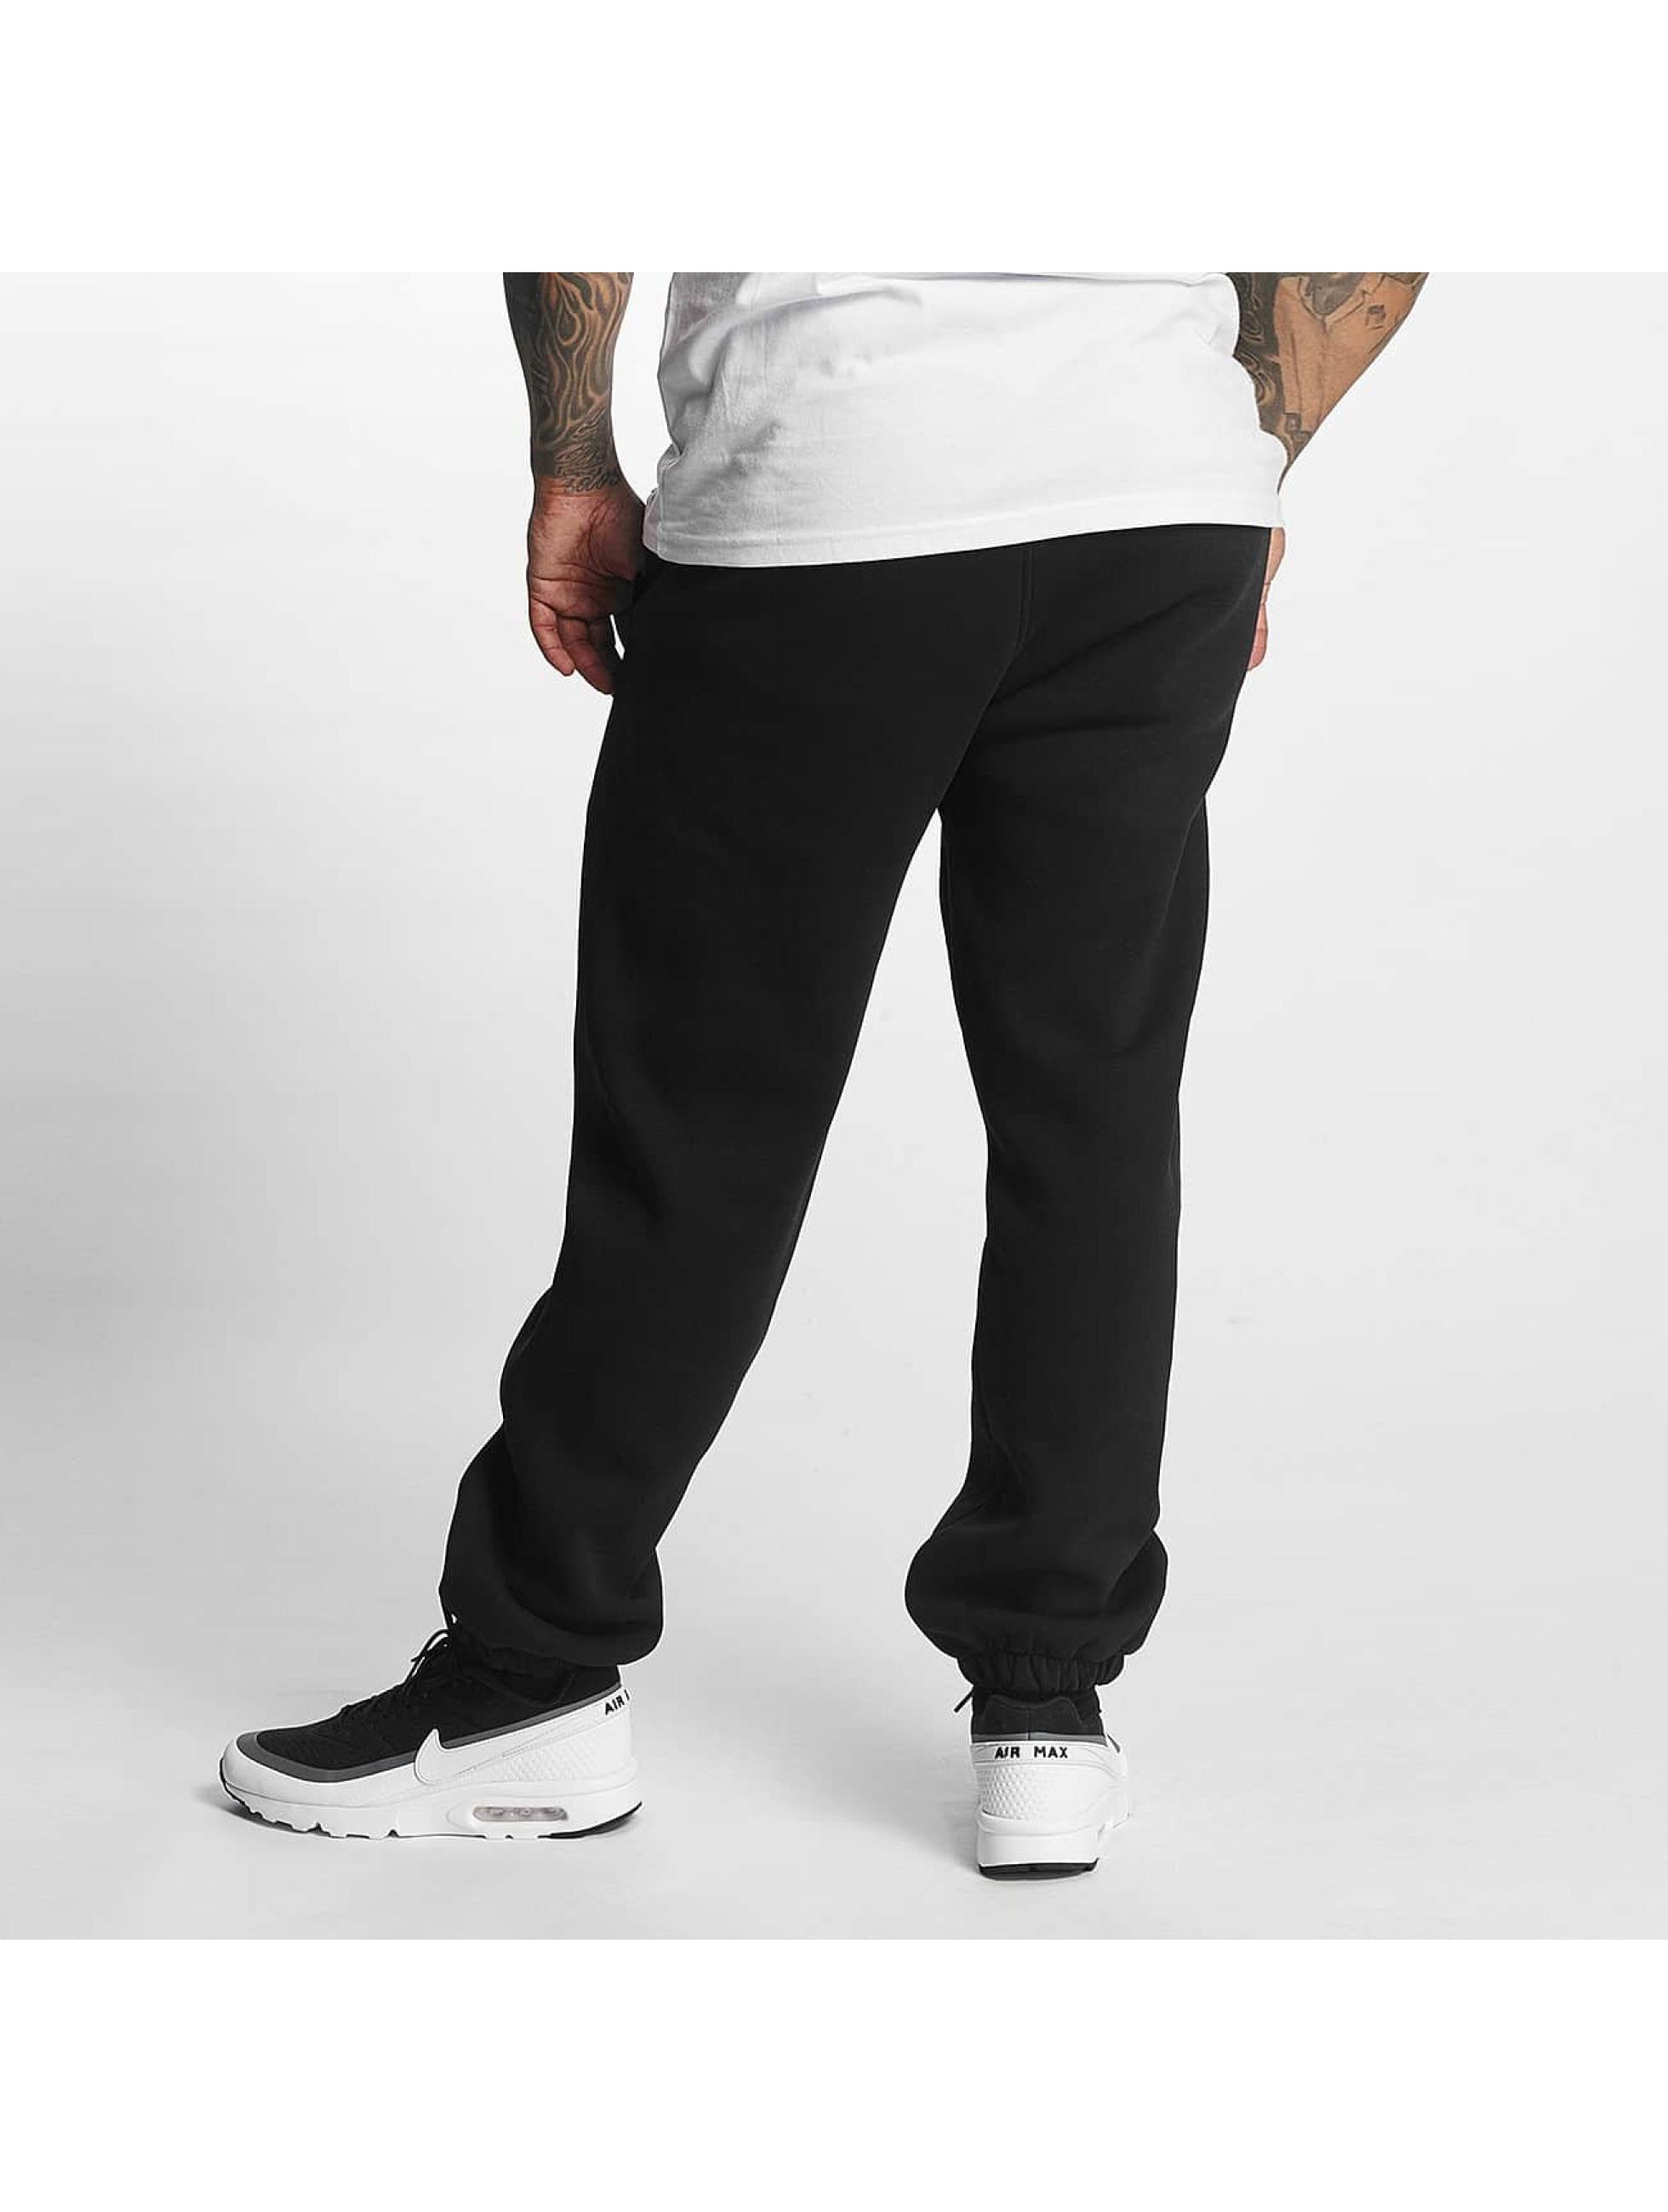 Pure Hate Pantalone ginnico Fracture nero